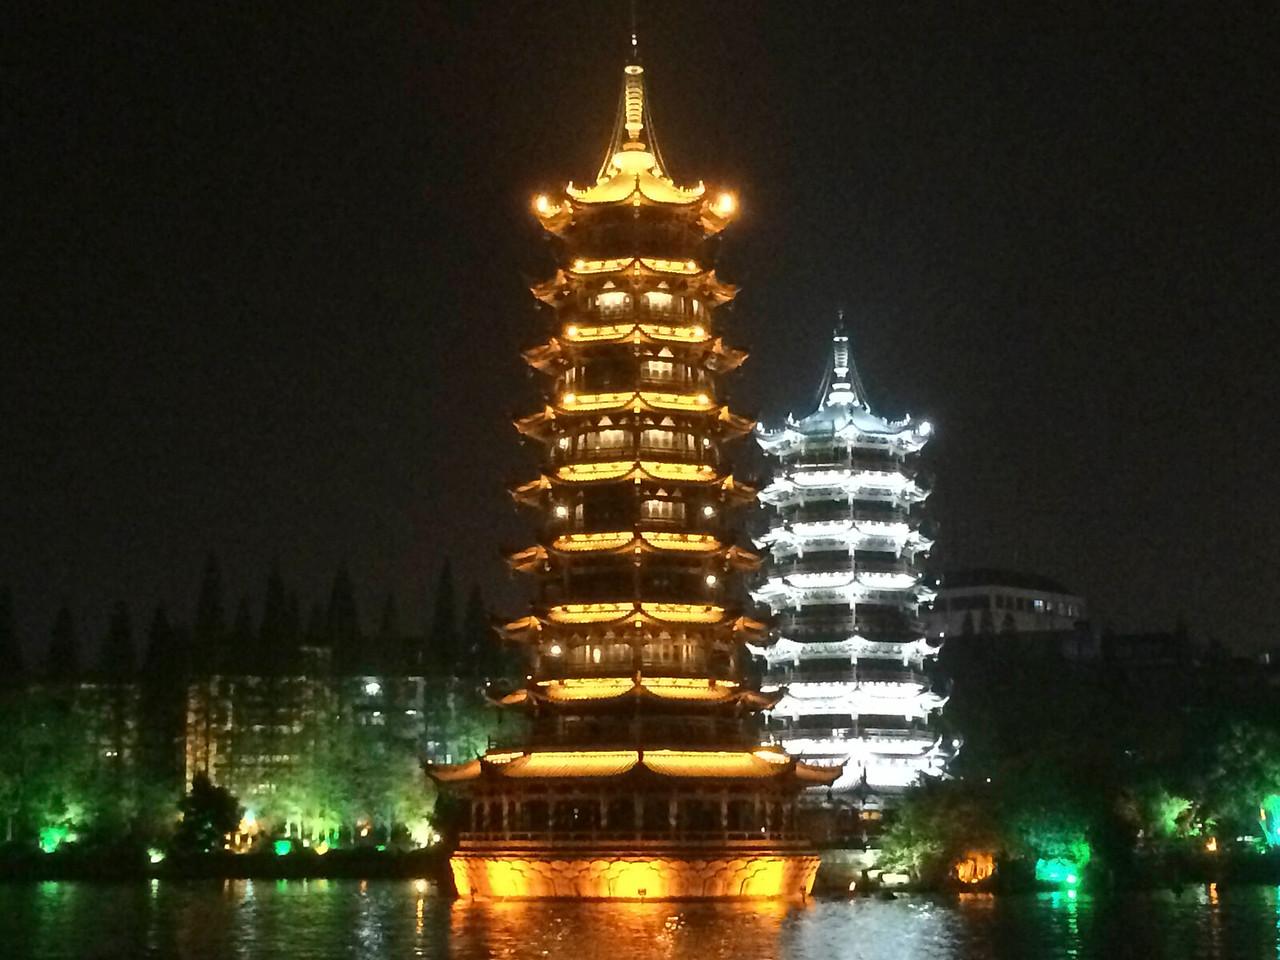 Dual pagodas, nighttime